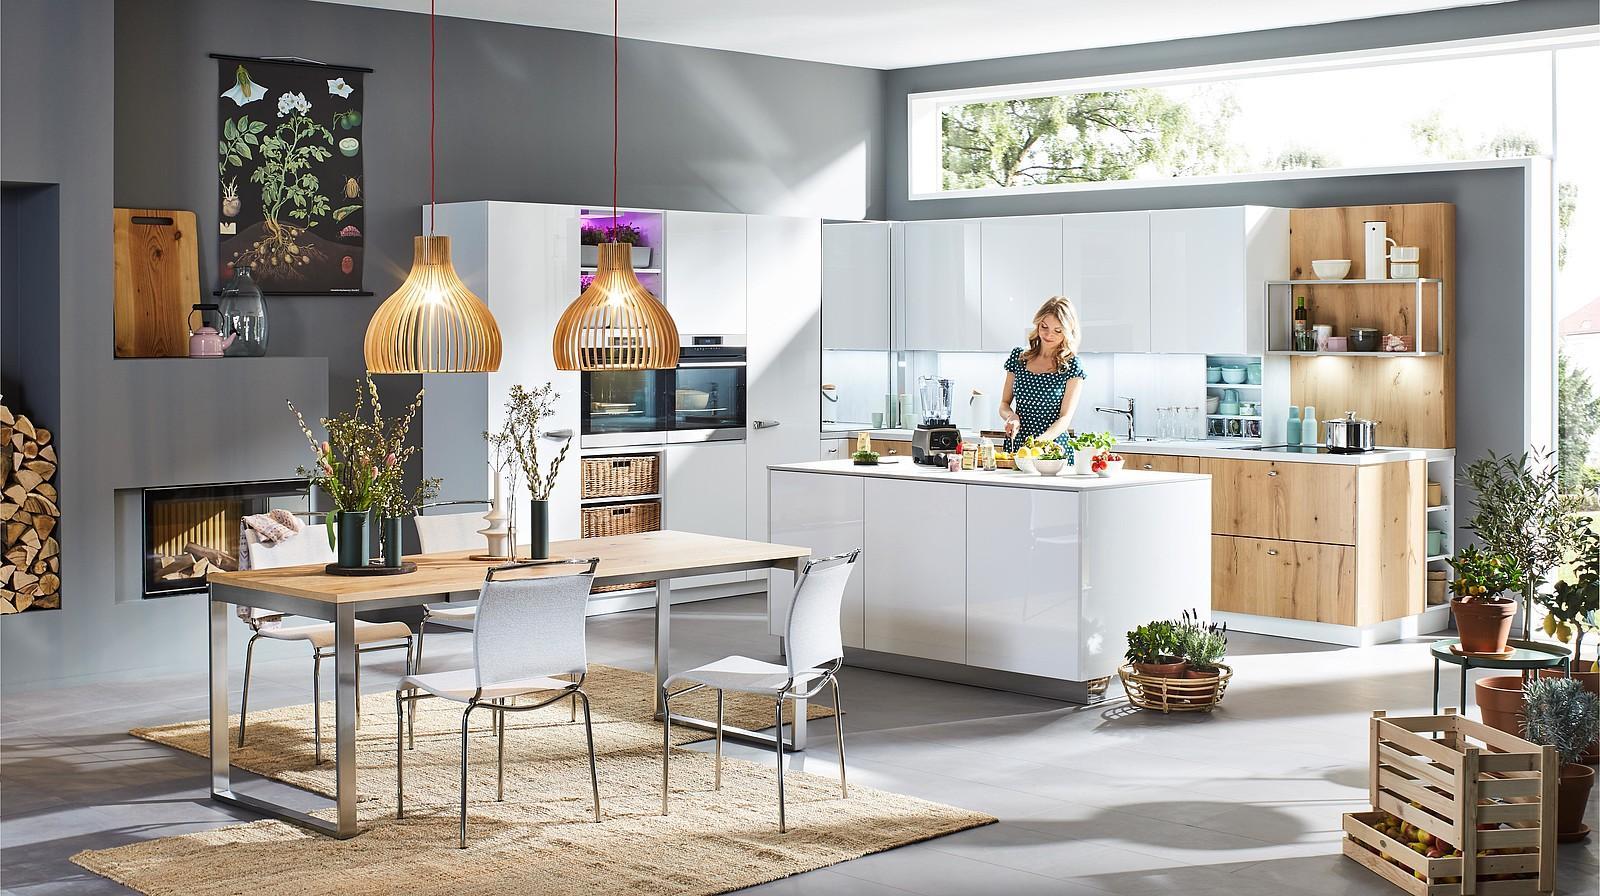 Offene Küche Mit Esszimmer